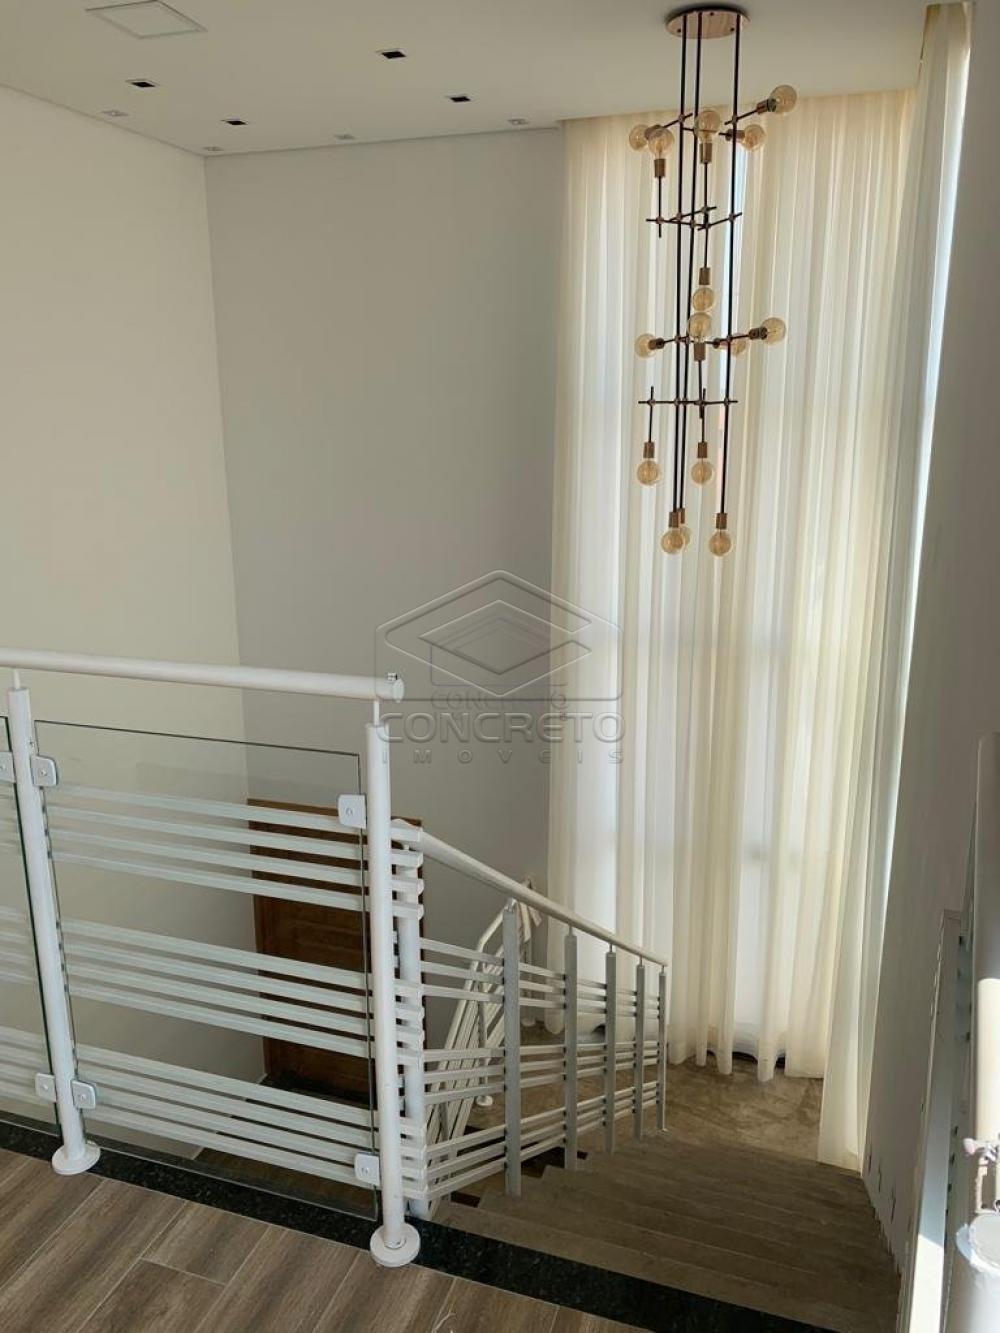 Comprar Casa / Padrão em Sao Manuel apenas R$ 650.000,00 - Foto 118